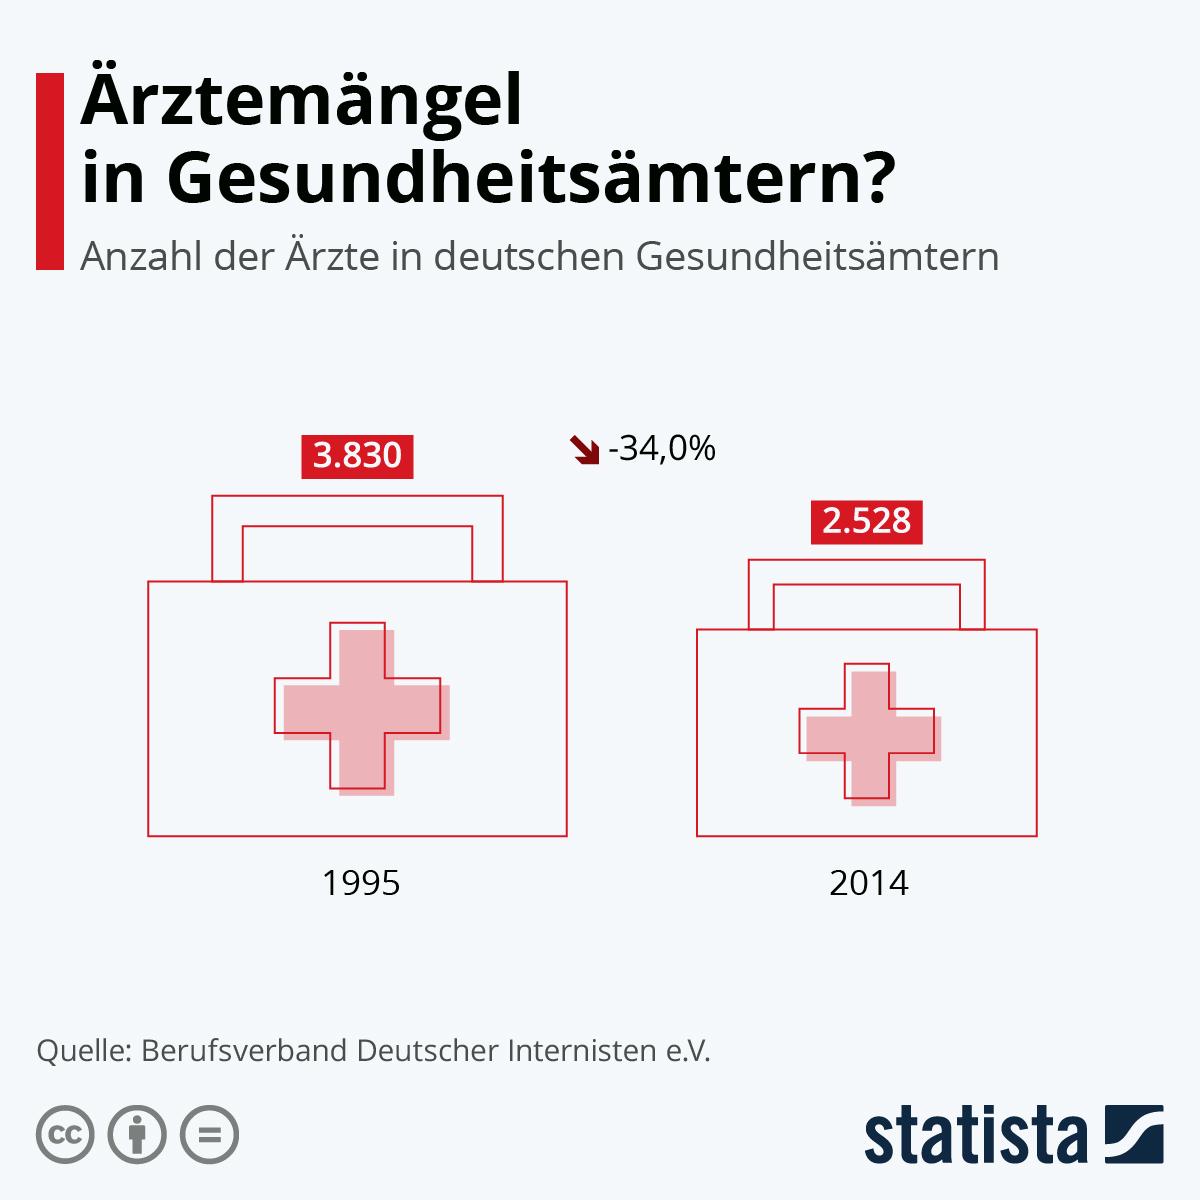 Infografik: Ärztemangel in Gesundheitsämtern? | Statista